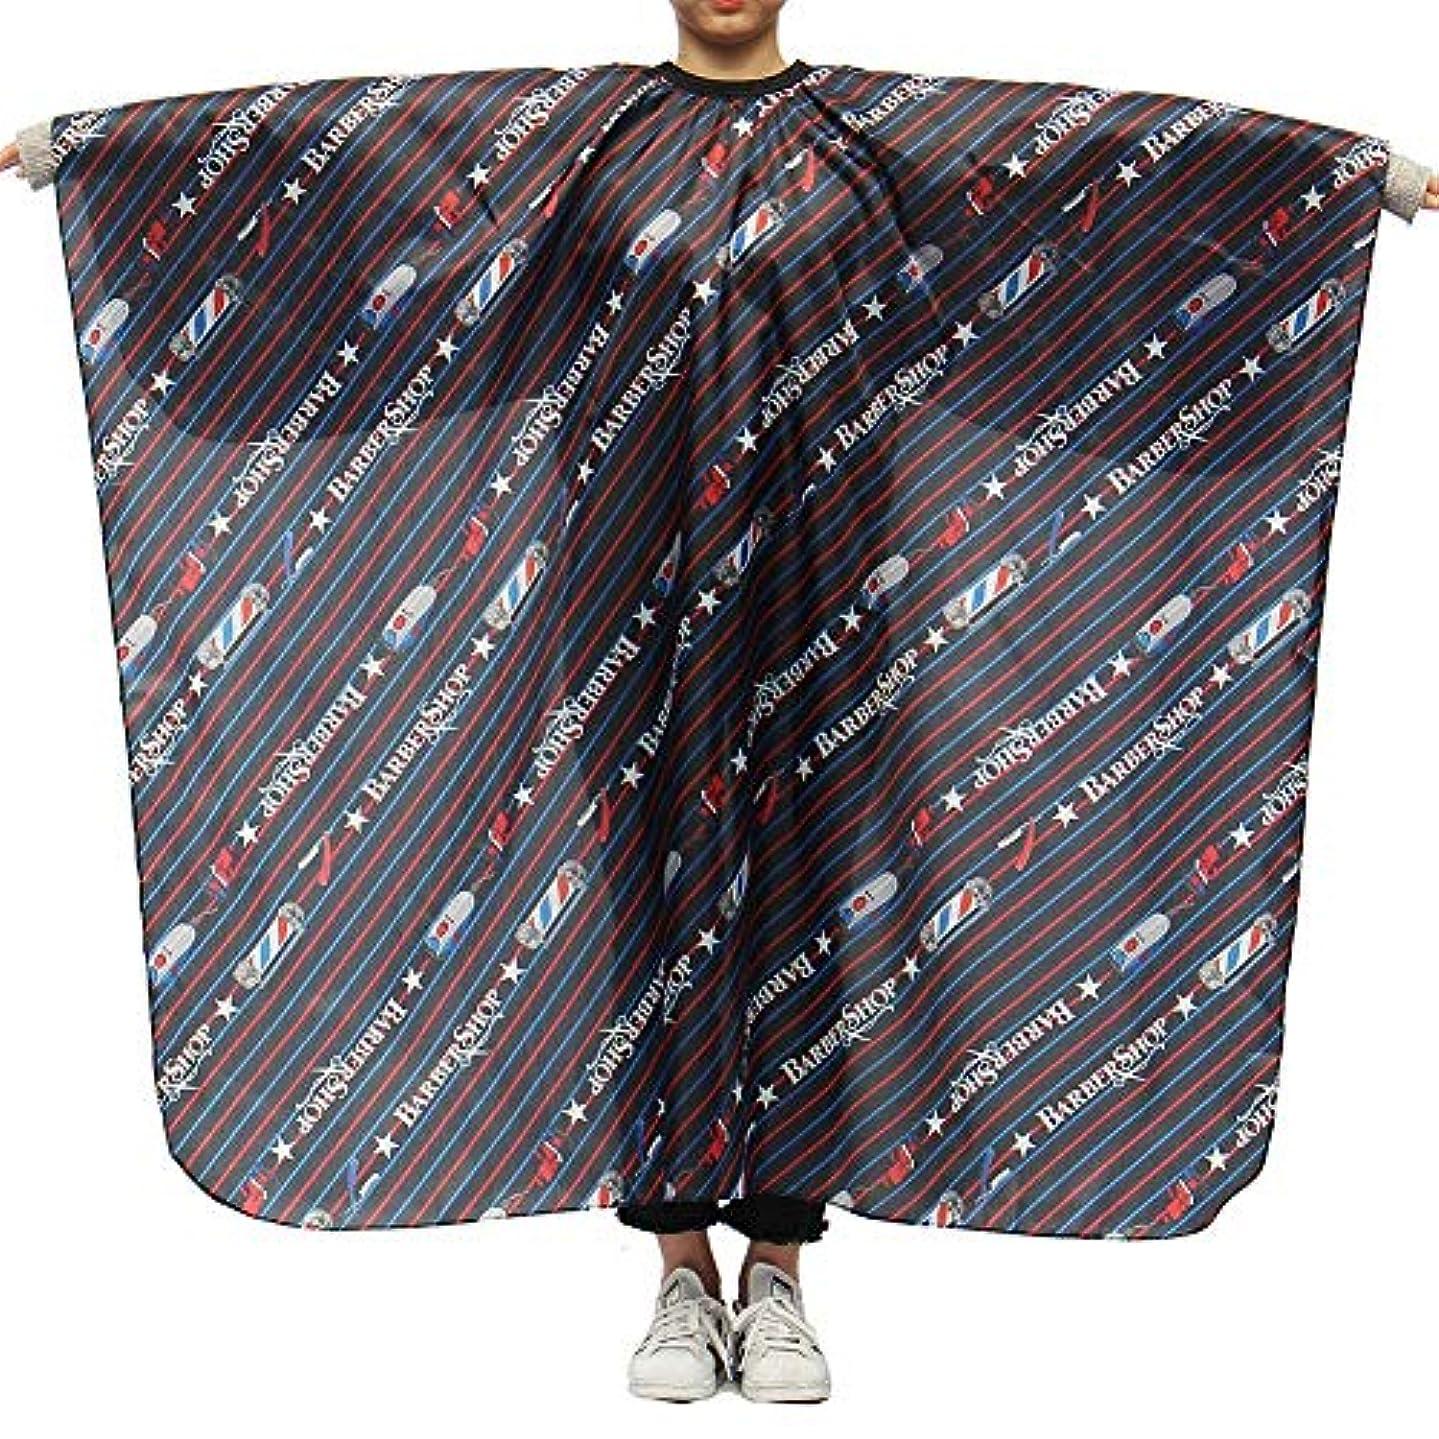 クローゼット全体帰るBrill(ブリーオ)-ビューティー 理髪ケープ 理髪布 家庭用 店用 通気性 滑らか ポリエステル製